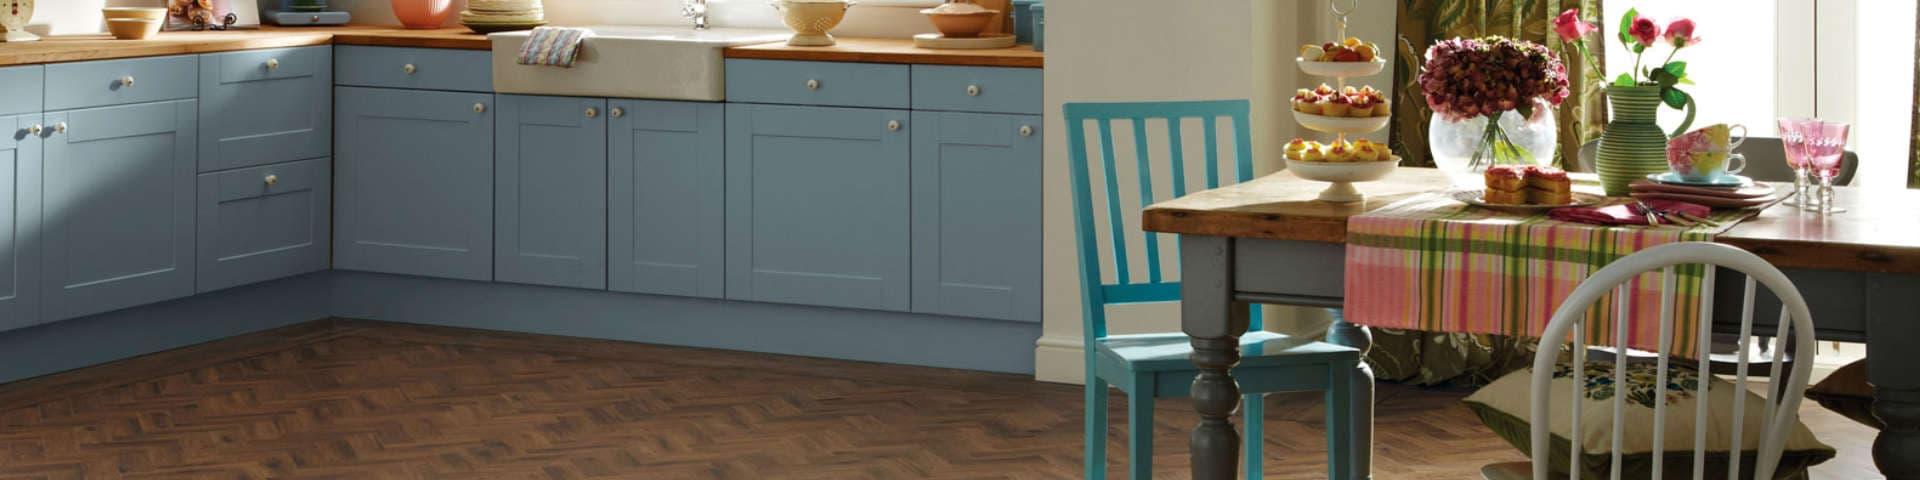 Karndean Wooden Kitchen Flooring